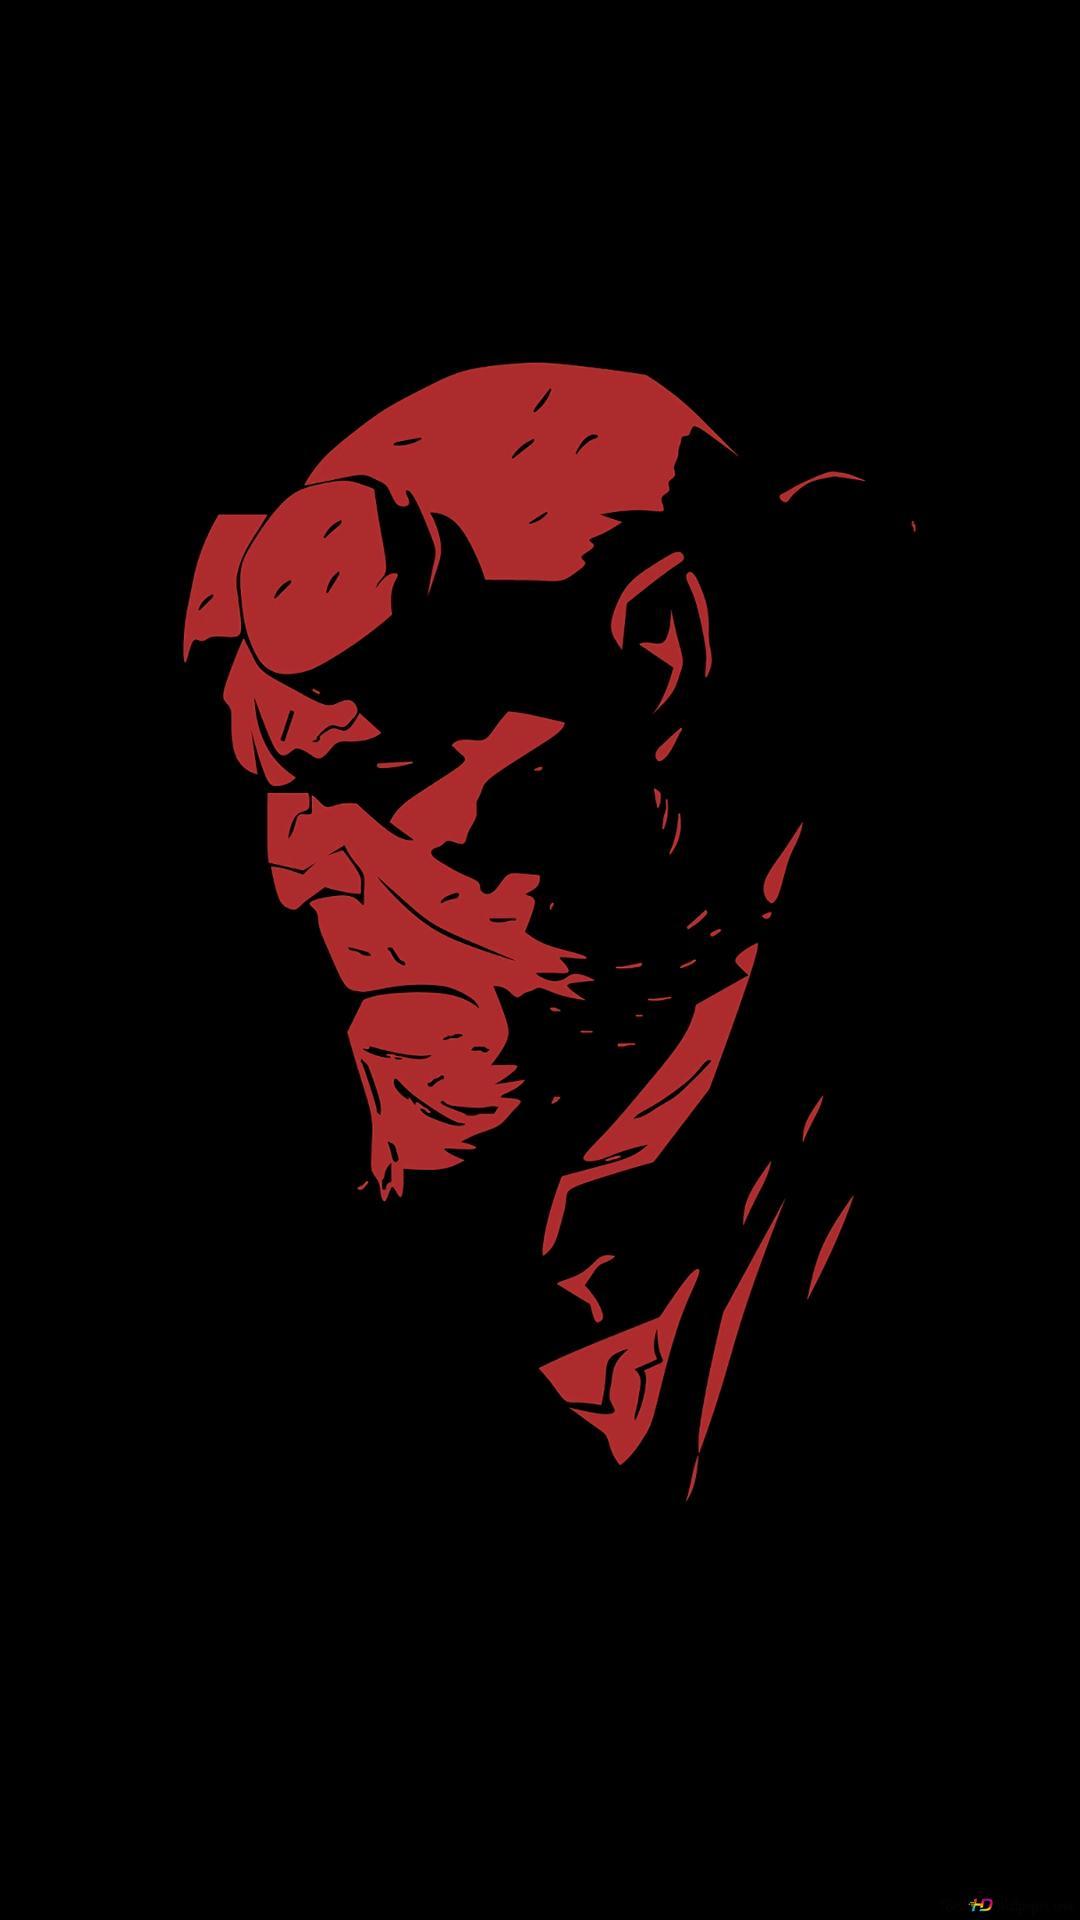 ヘルボーイ赤と黒のミニマル Hd壁紙のダウンロード